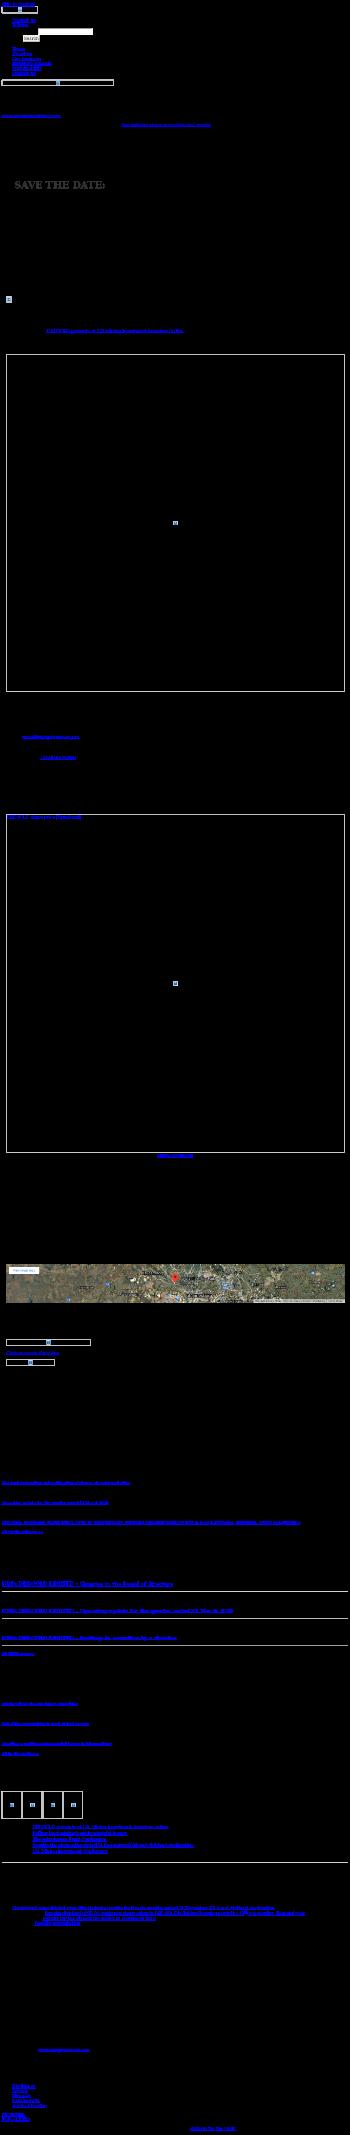 DRDGOLD Limited Website Screenshot